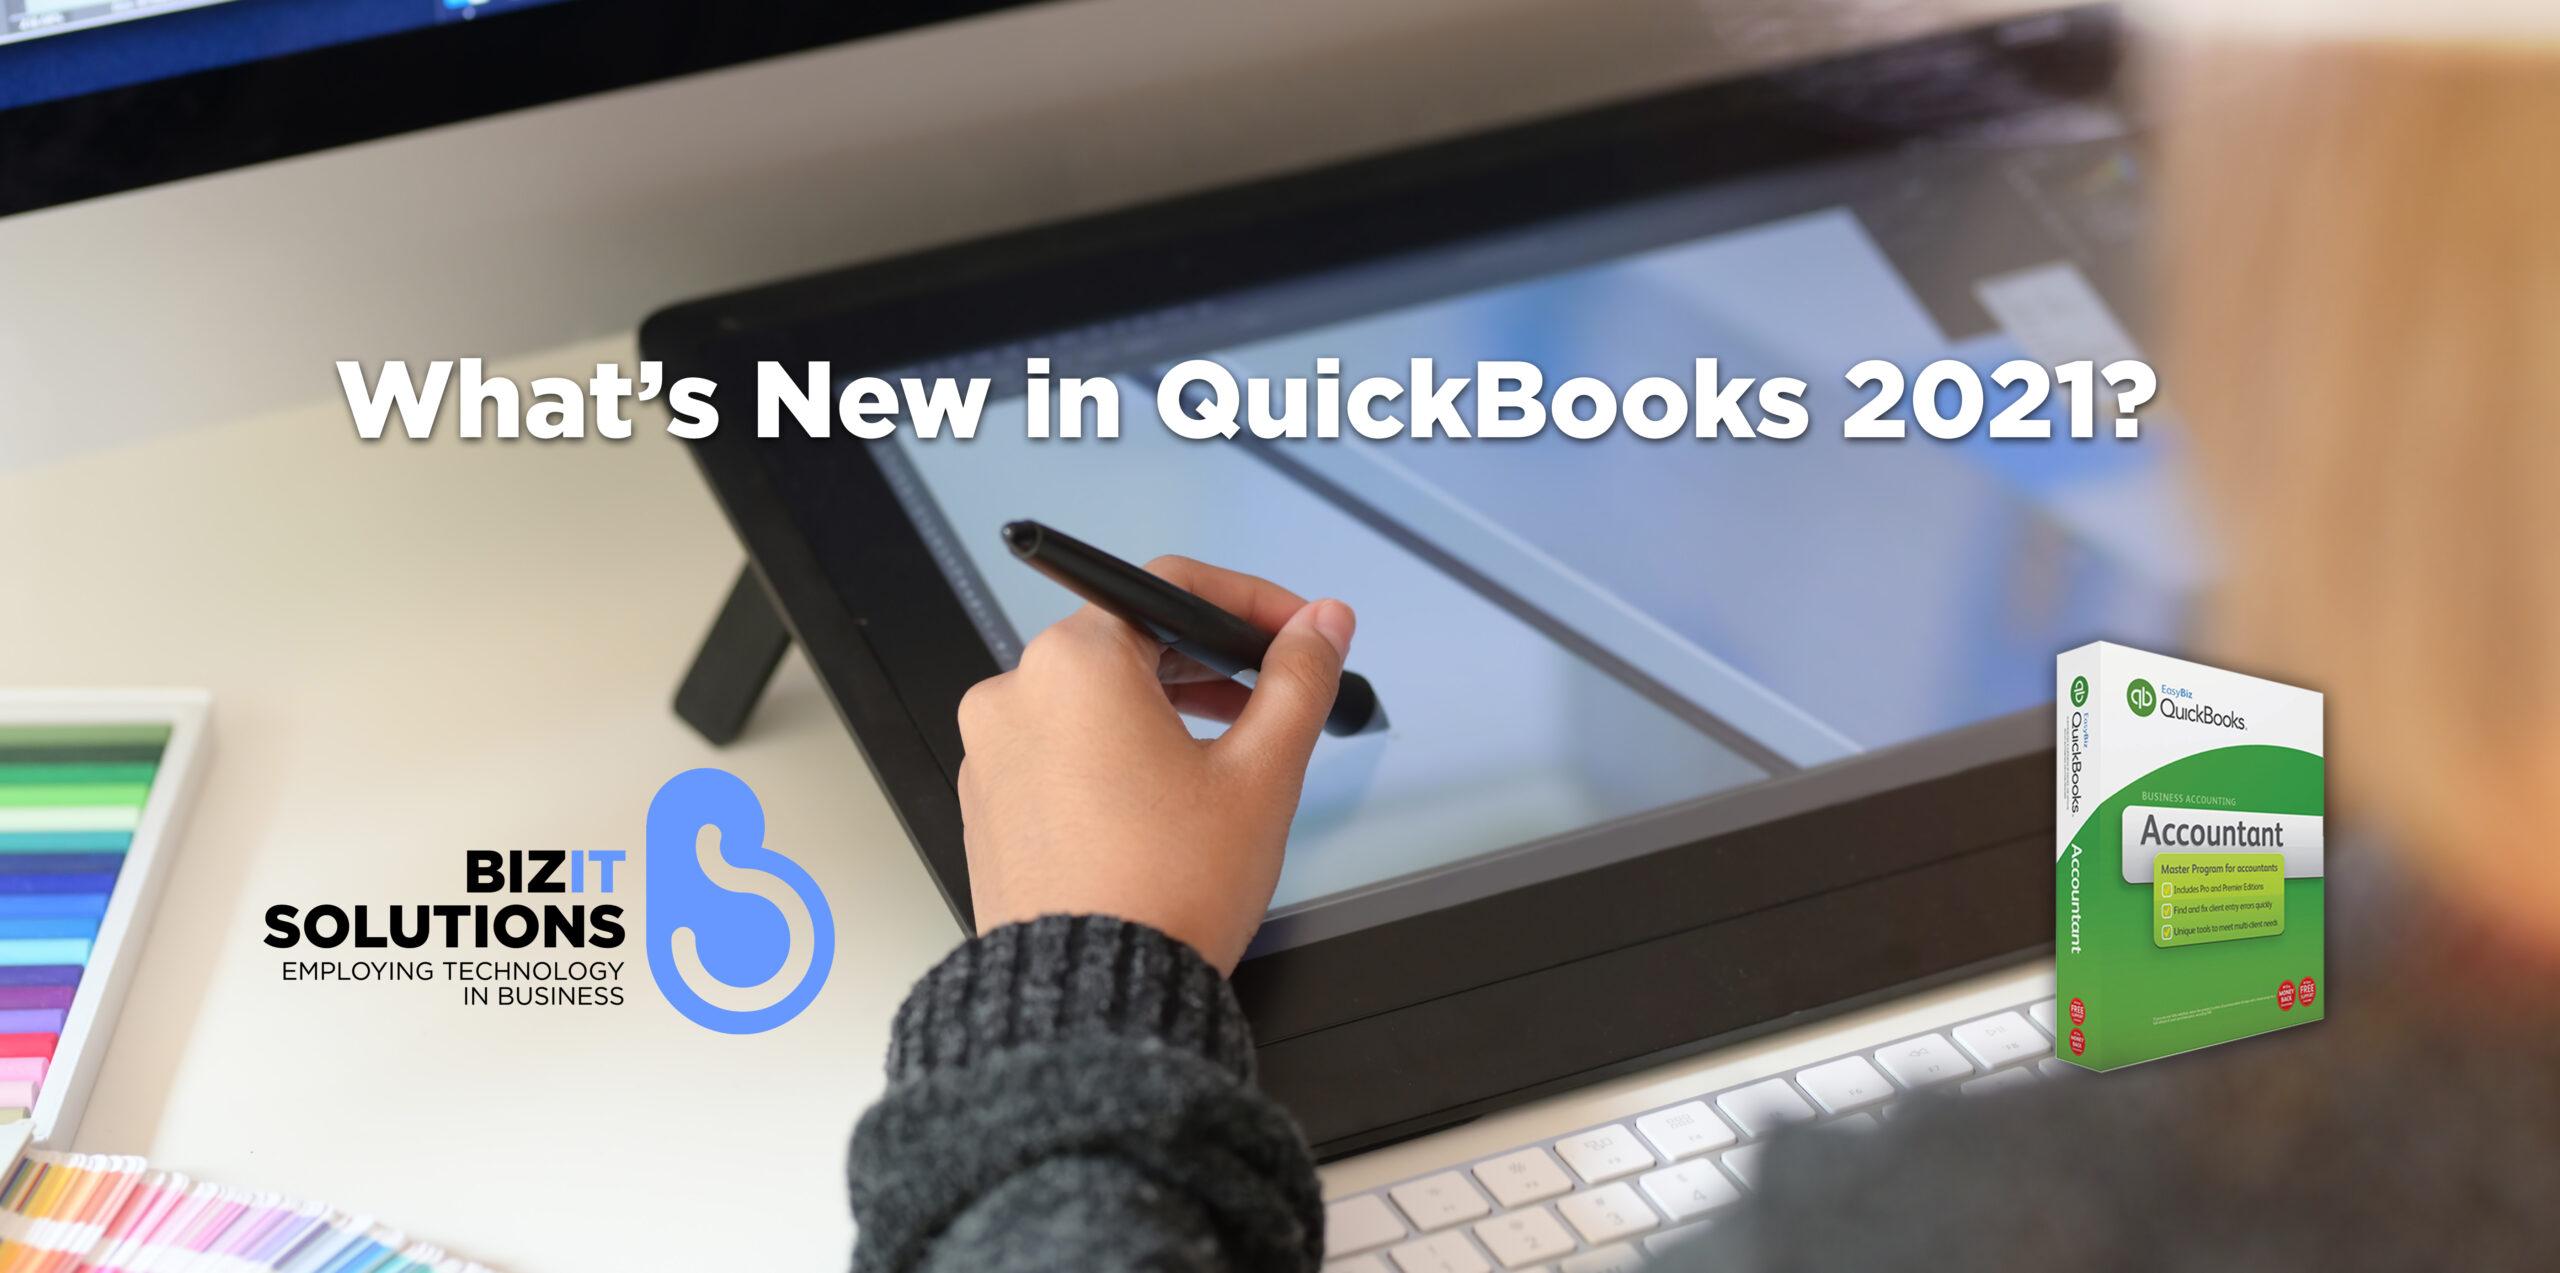 quickbooks 2021